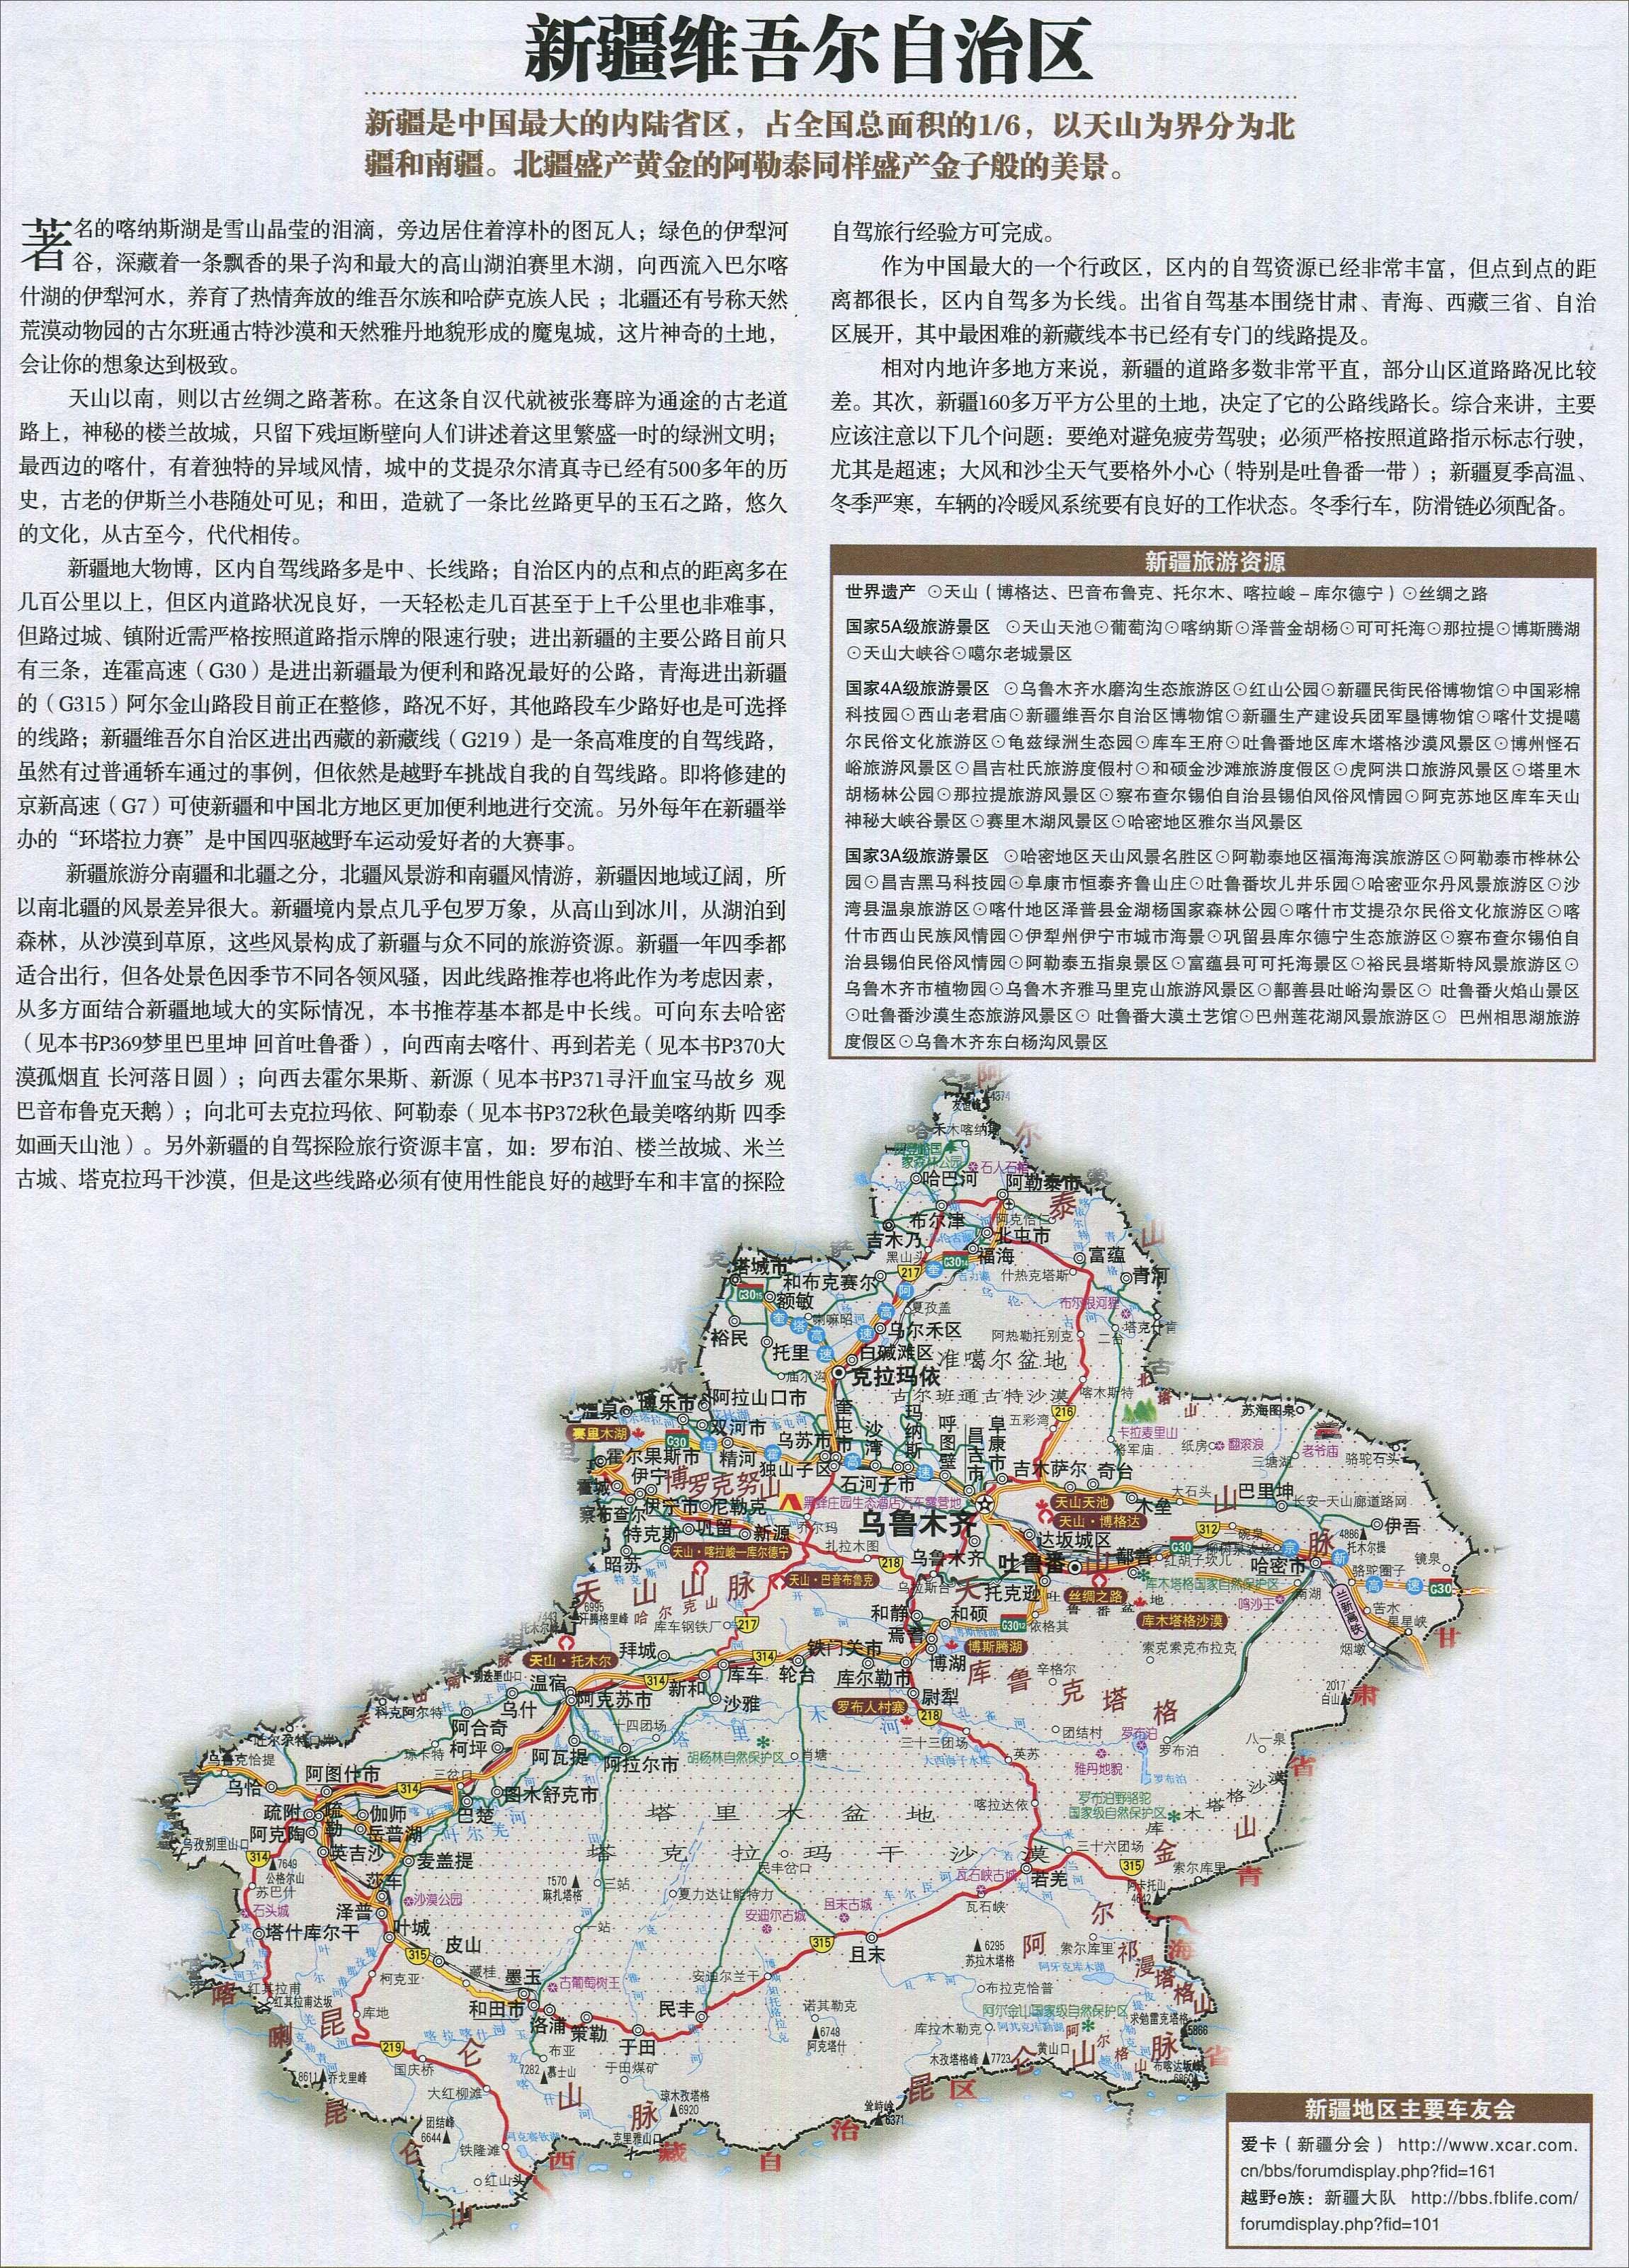 浙江旅游地图_新疆自驾游地图_新疆旅游地图库_地图窝